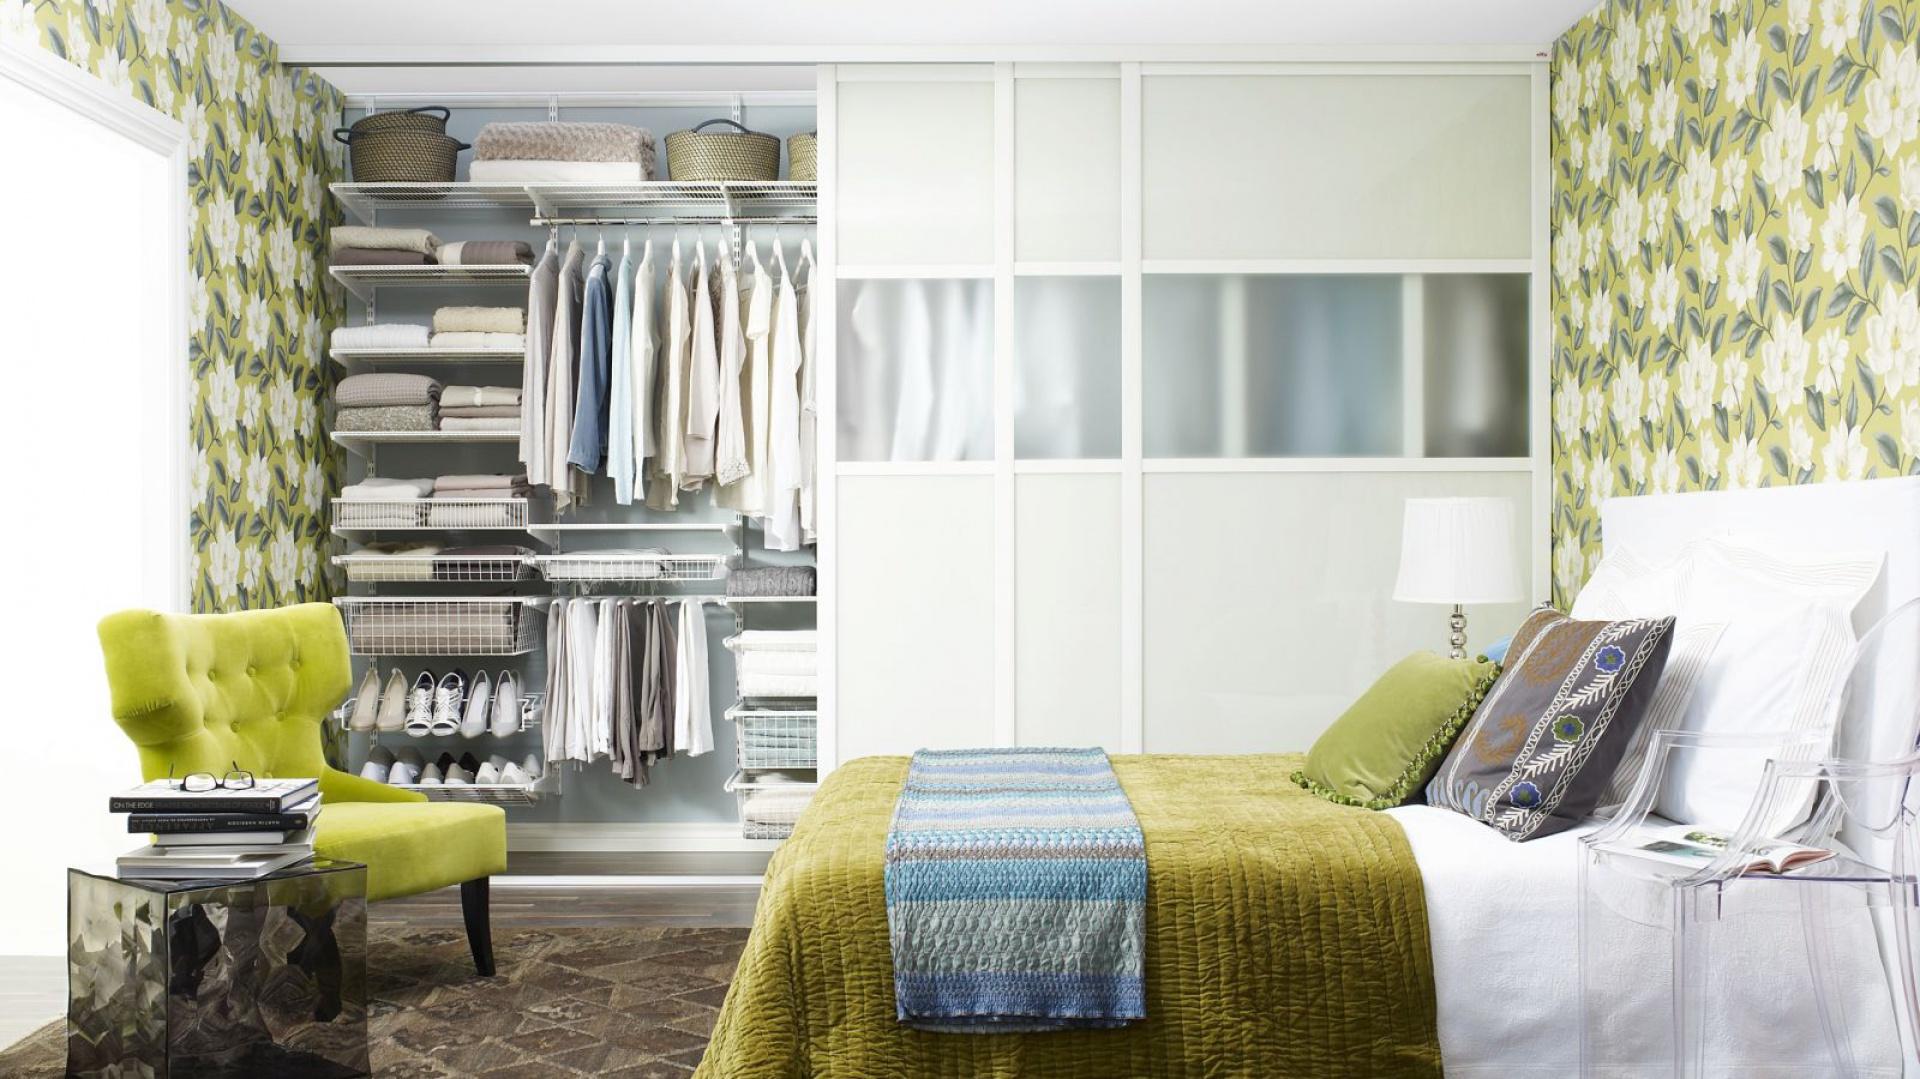 Pojemną i wygodną garderobę można zamontować nawet w niewielkiej sypialni. Watro jednak pomyśleć o tym jeszcze przed urządzeniem wnętrza. Najlepiej już na etapie planów tak, aby można było maksymalnie wykorzystać nawet najmniej dostępne fragmenty przestrzeni. Fot. Elfa.